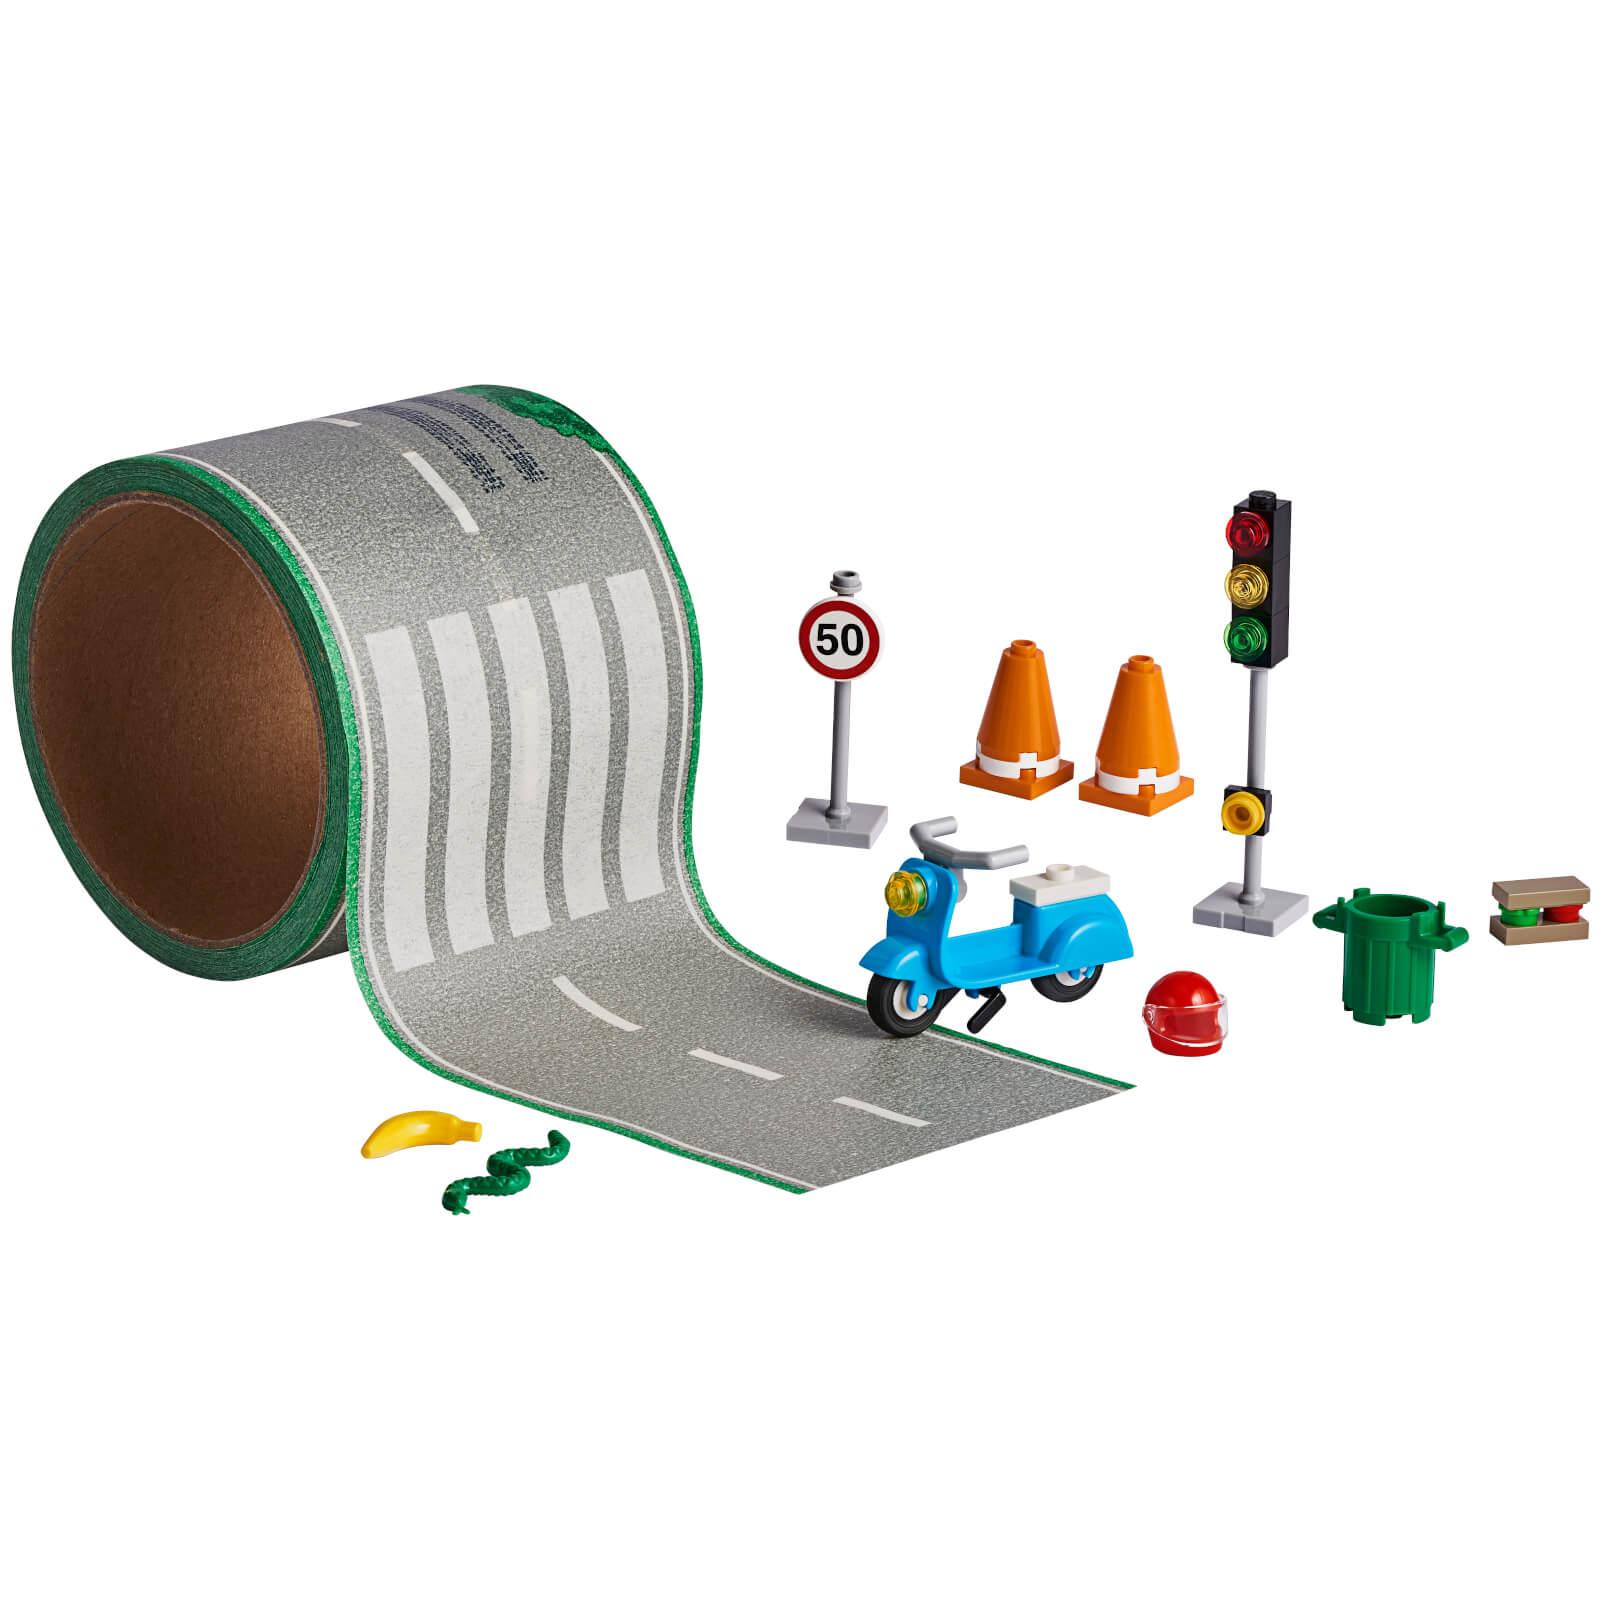 LEGO Xtra - Road Tape V46 (854048)